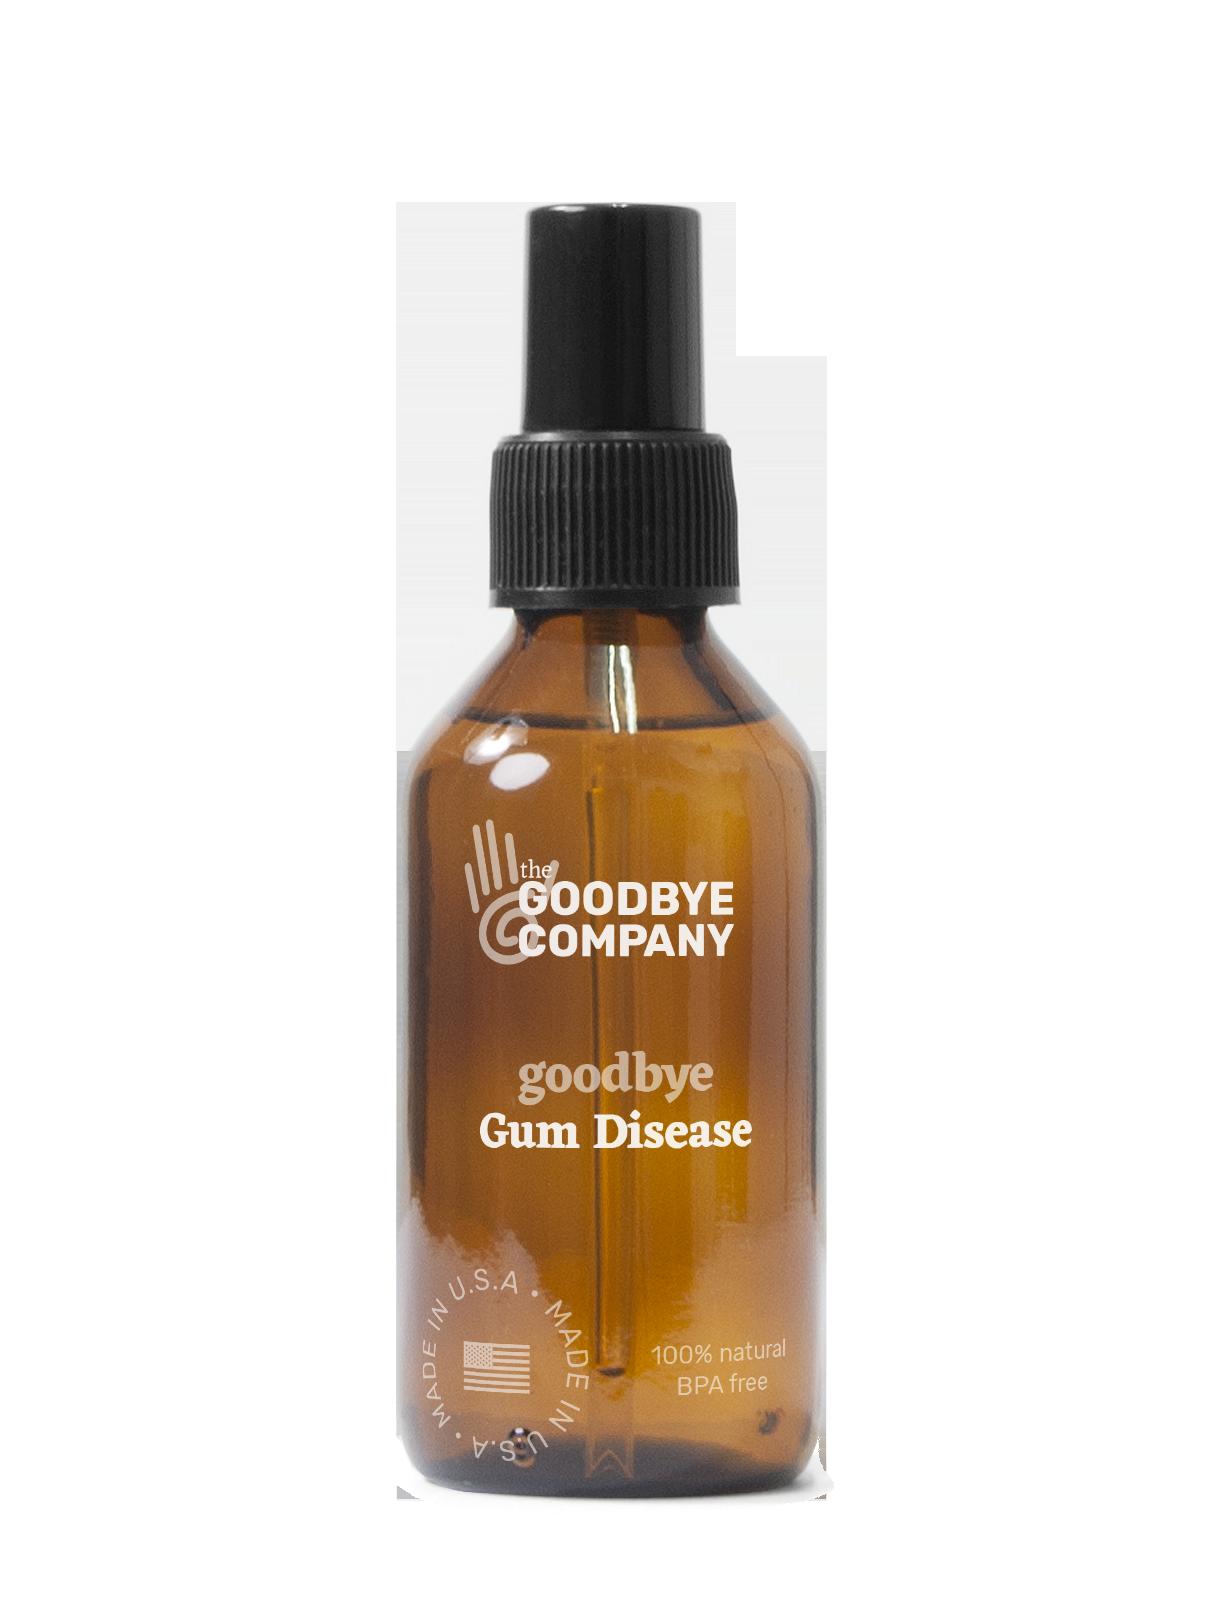 GoodBye Gum Disease